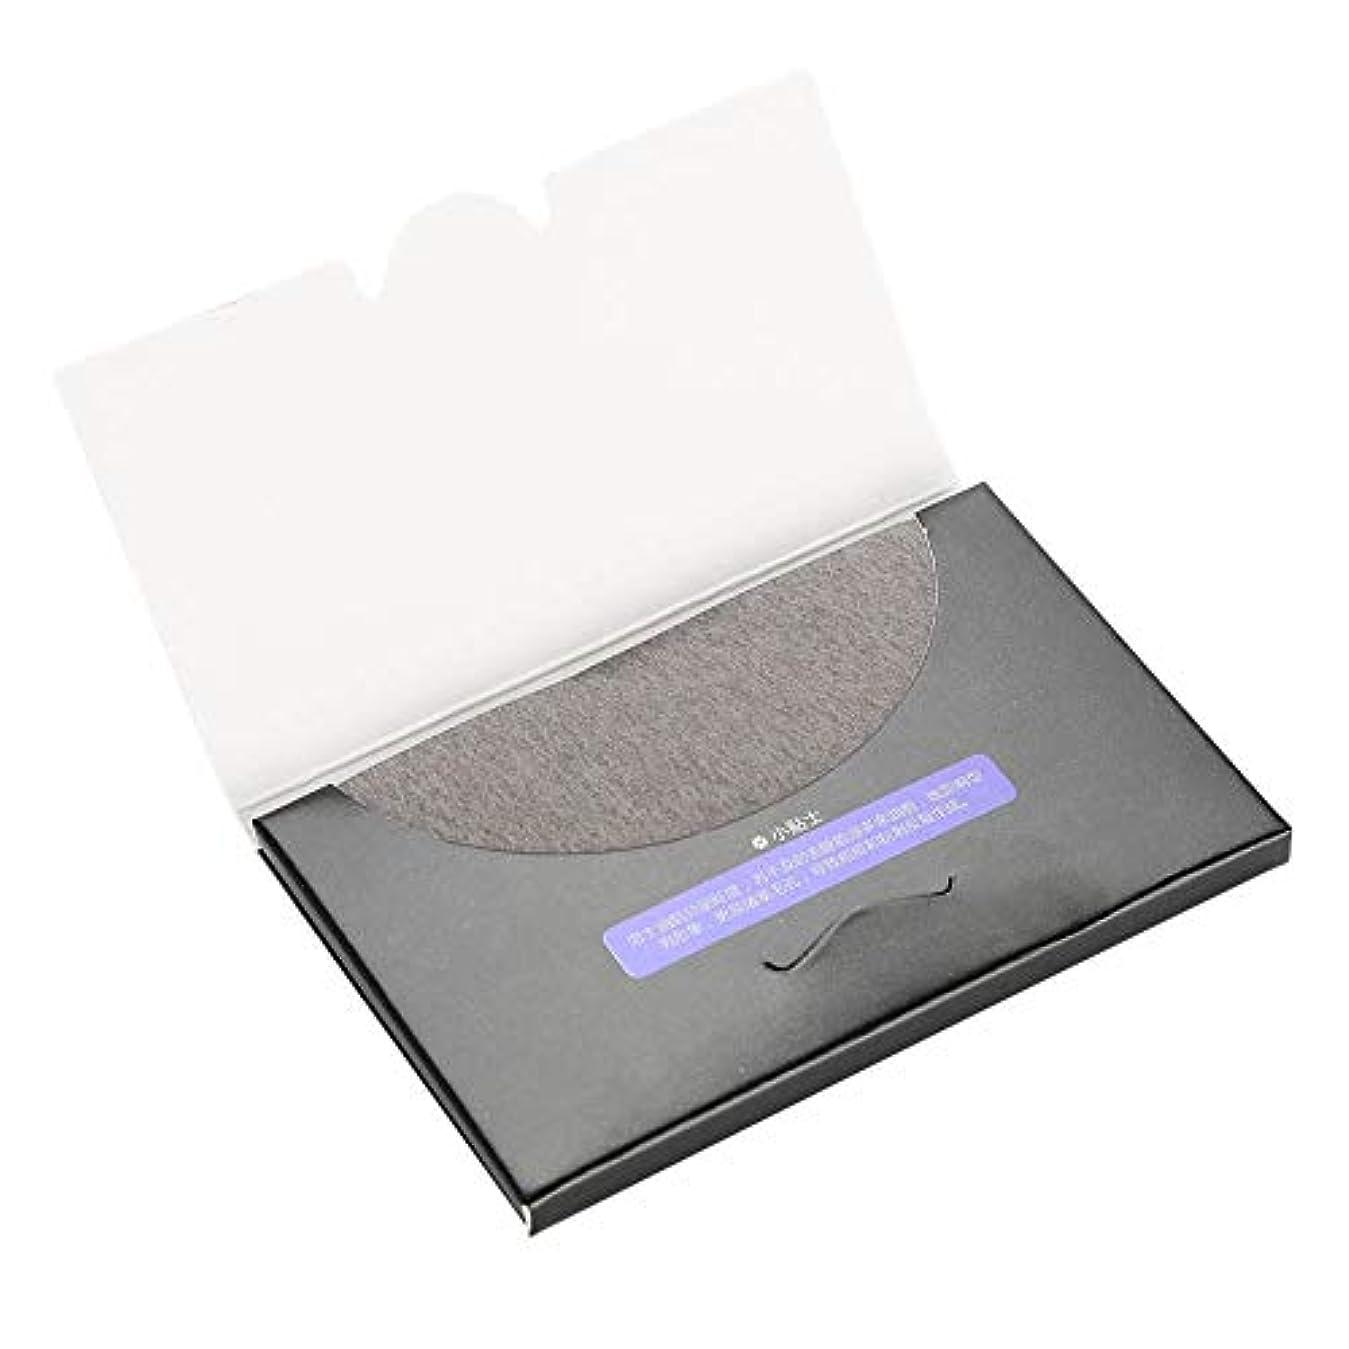 80枚/袋吸油布 - 化粧フィルムのクリーニング、吸い取り紙の消去 - きれいな吸い取り紙